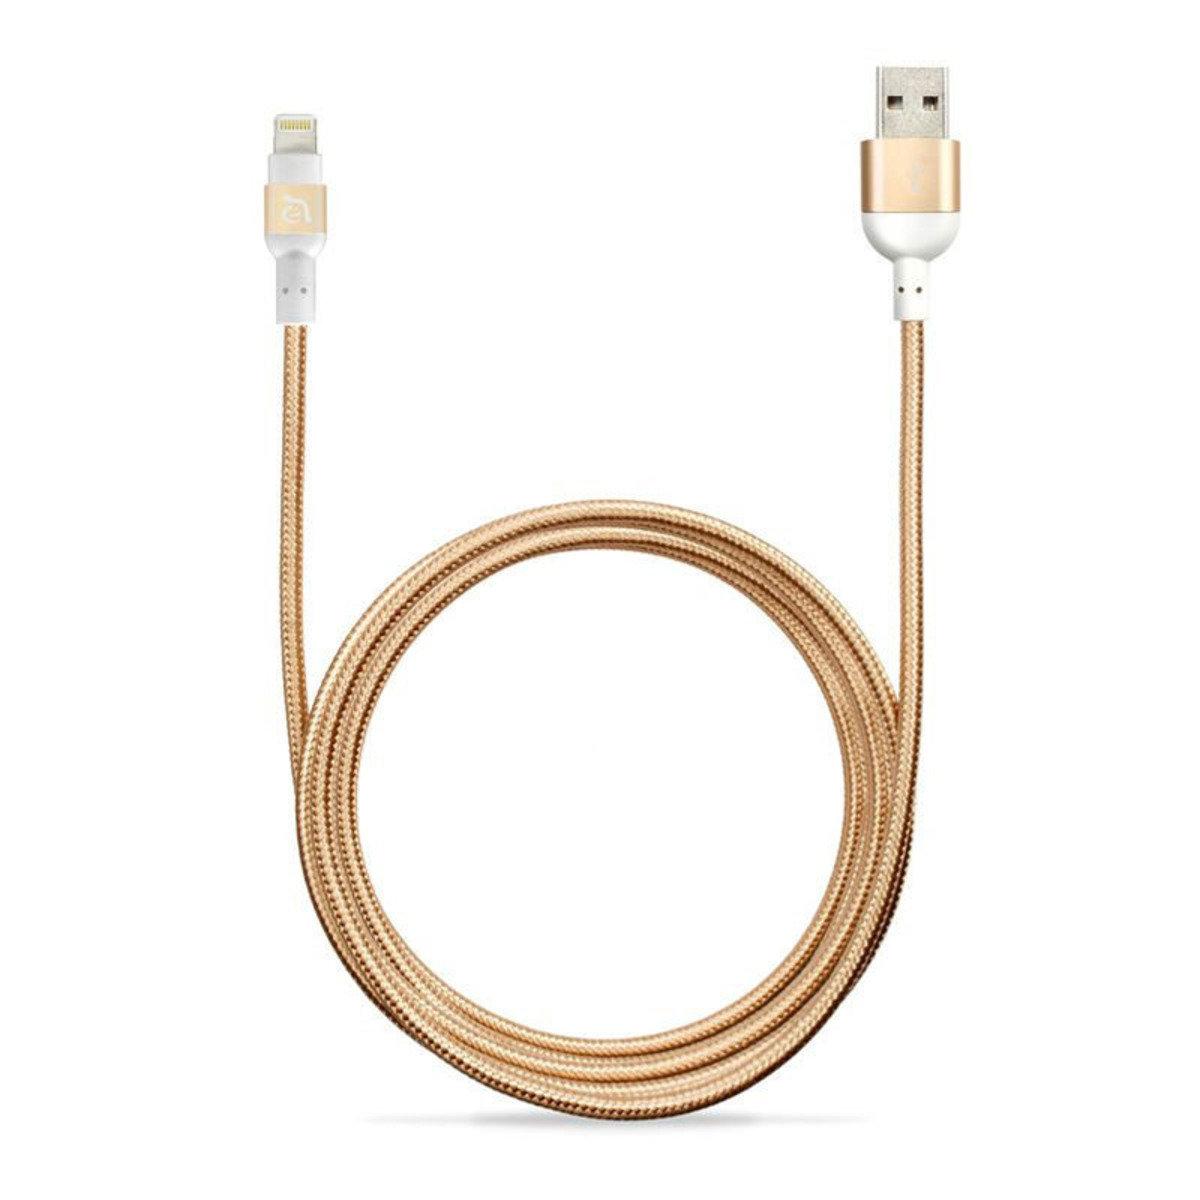 2米 Lightning 正反雙面USB同步充電線 金色